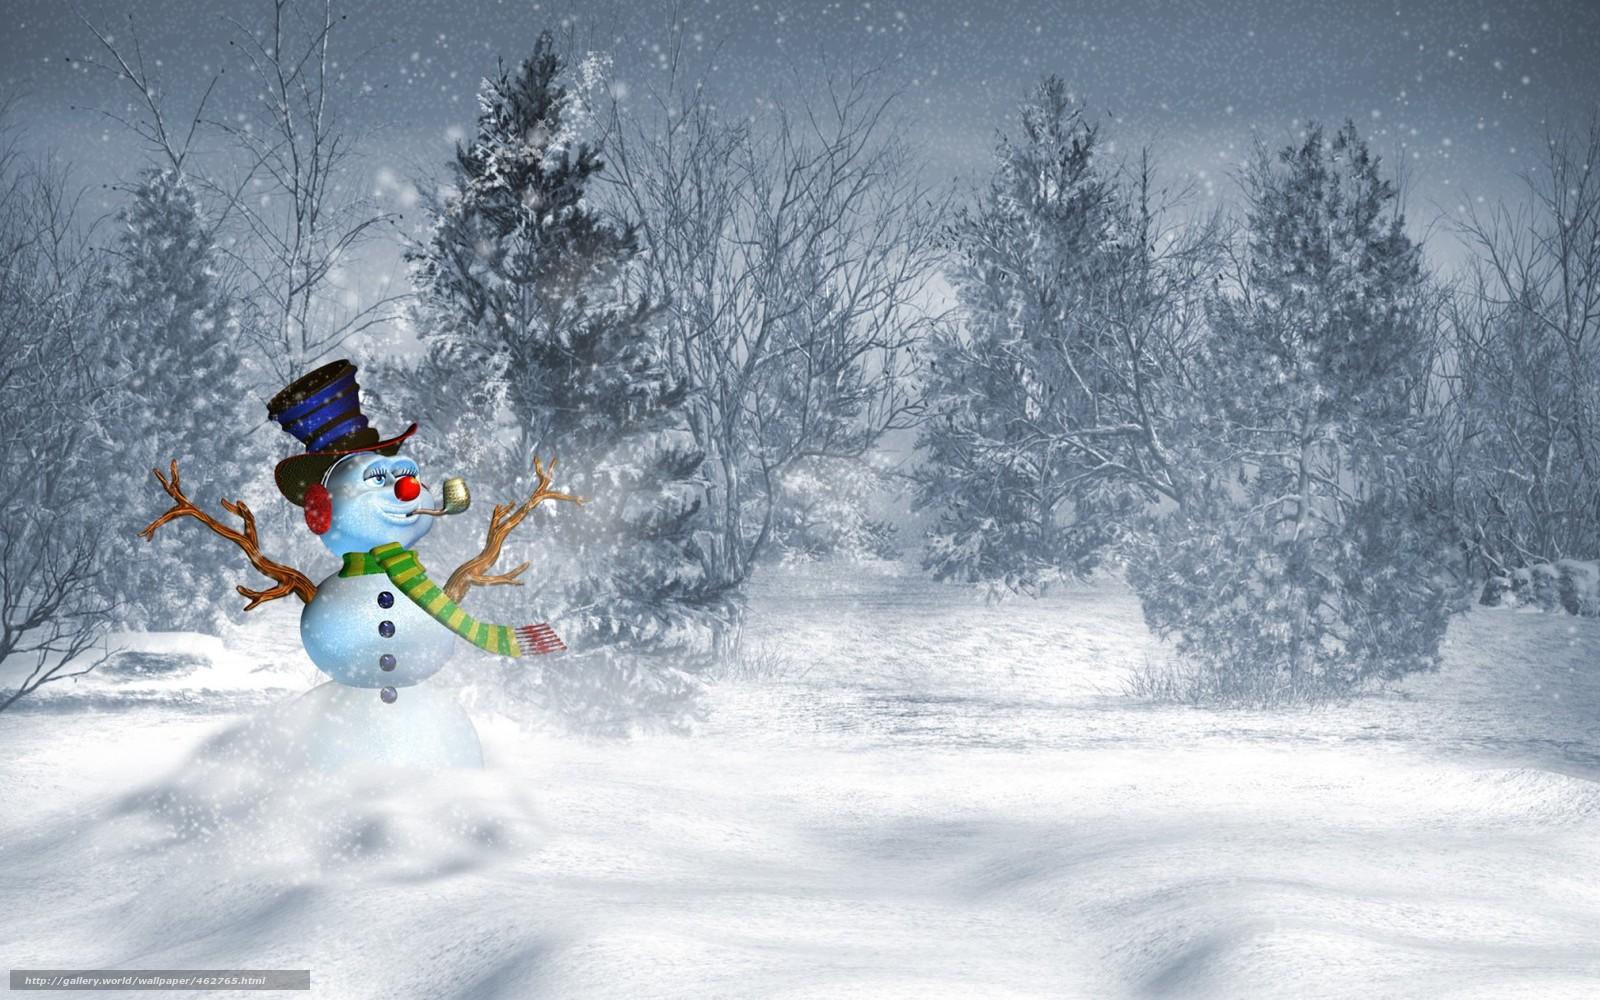 tlcharger fond d 39 ecran nature paysage neige hiver fonds d 39 ecran gratuits pour votre rsolution. Black Bedroom Furniture Sets. Home Design Ideas